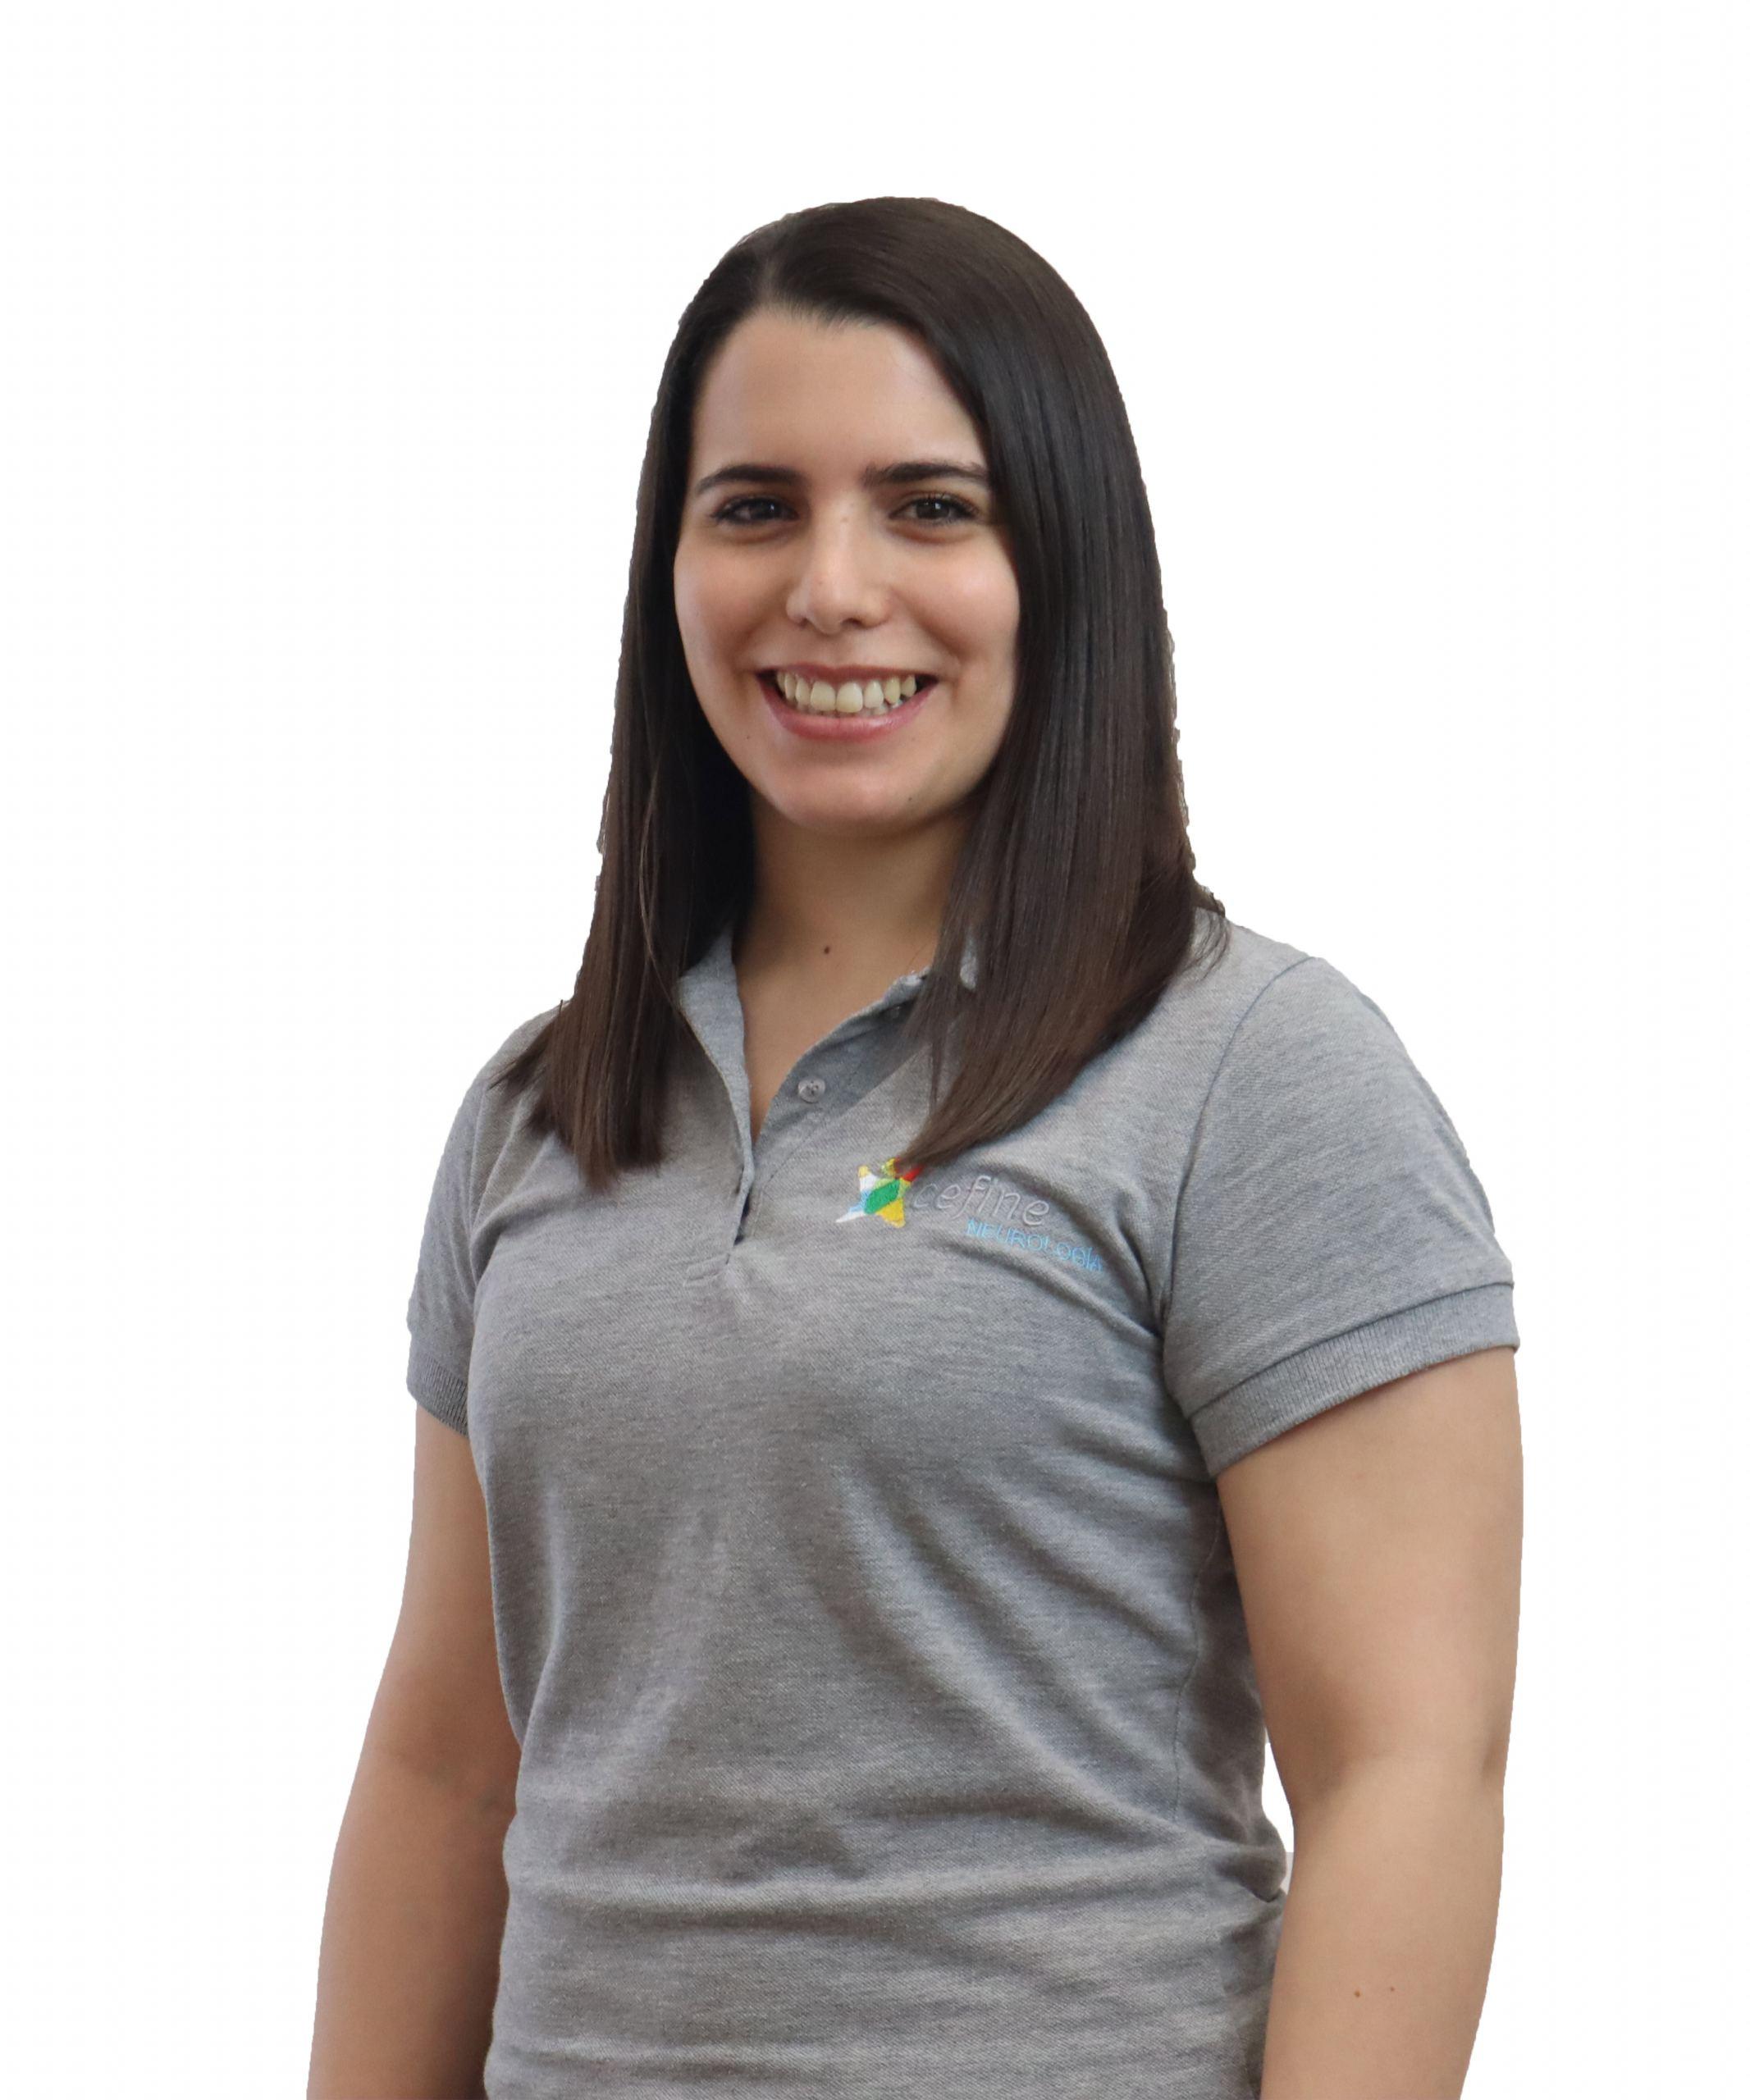 Sofia Camilo